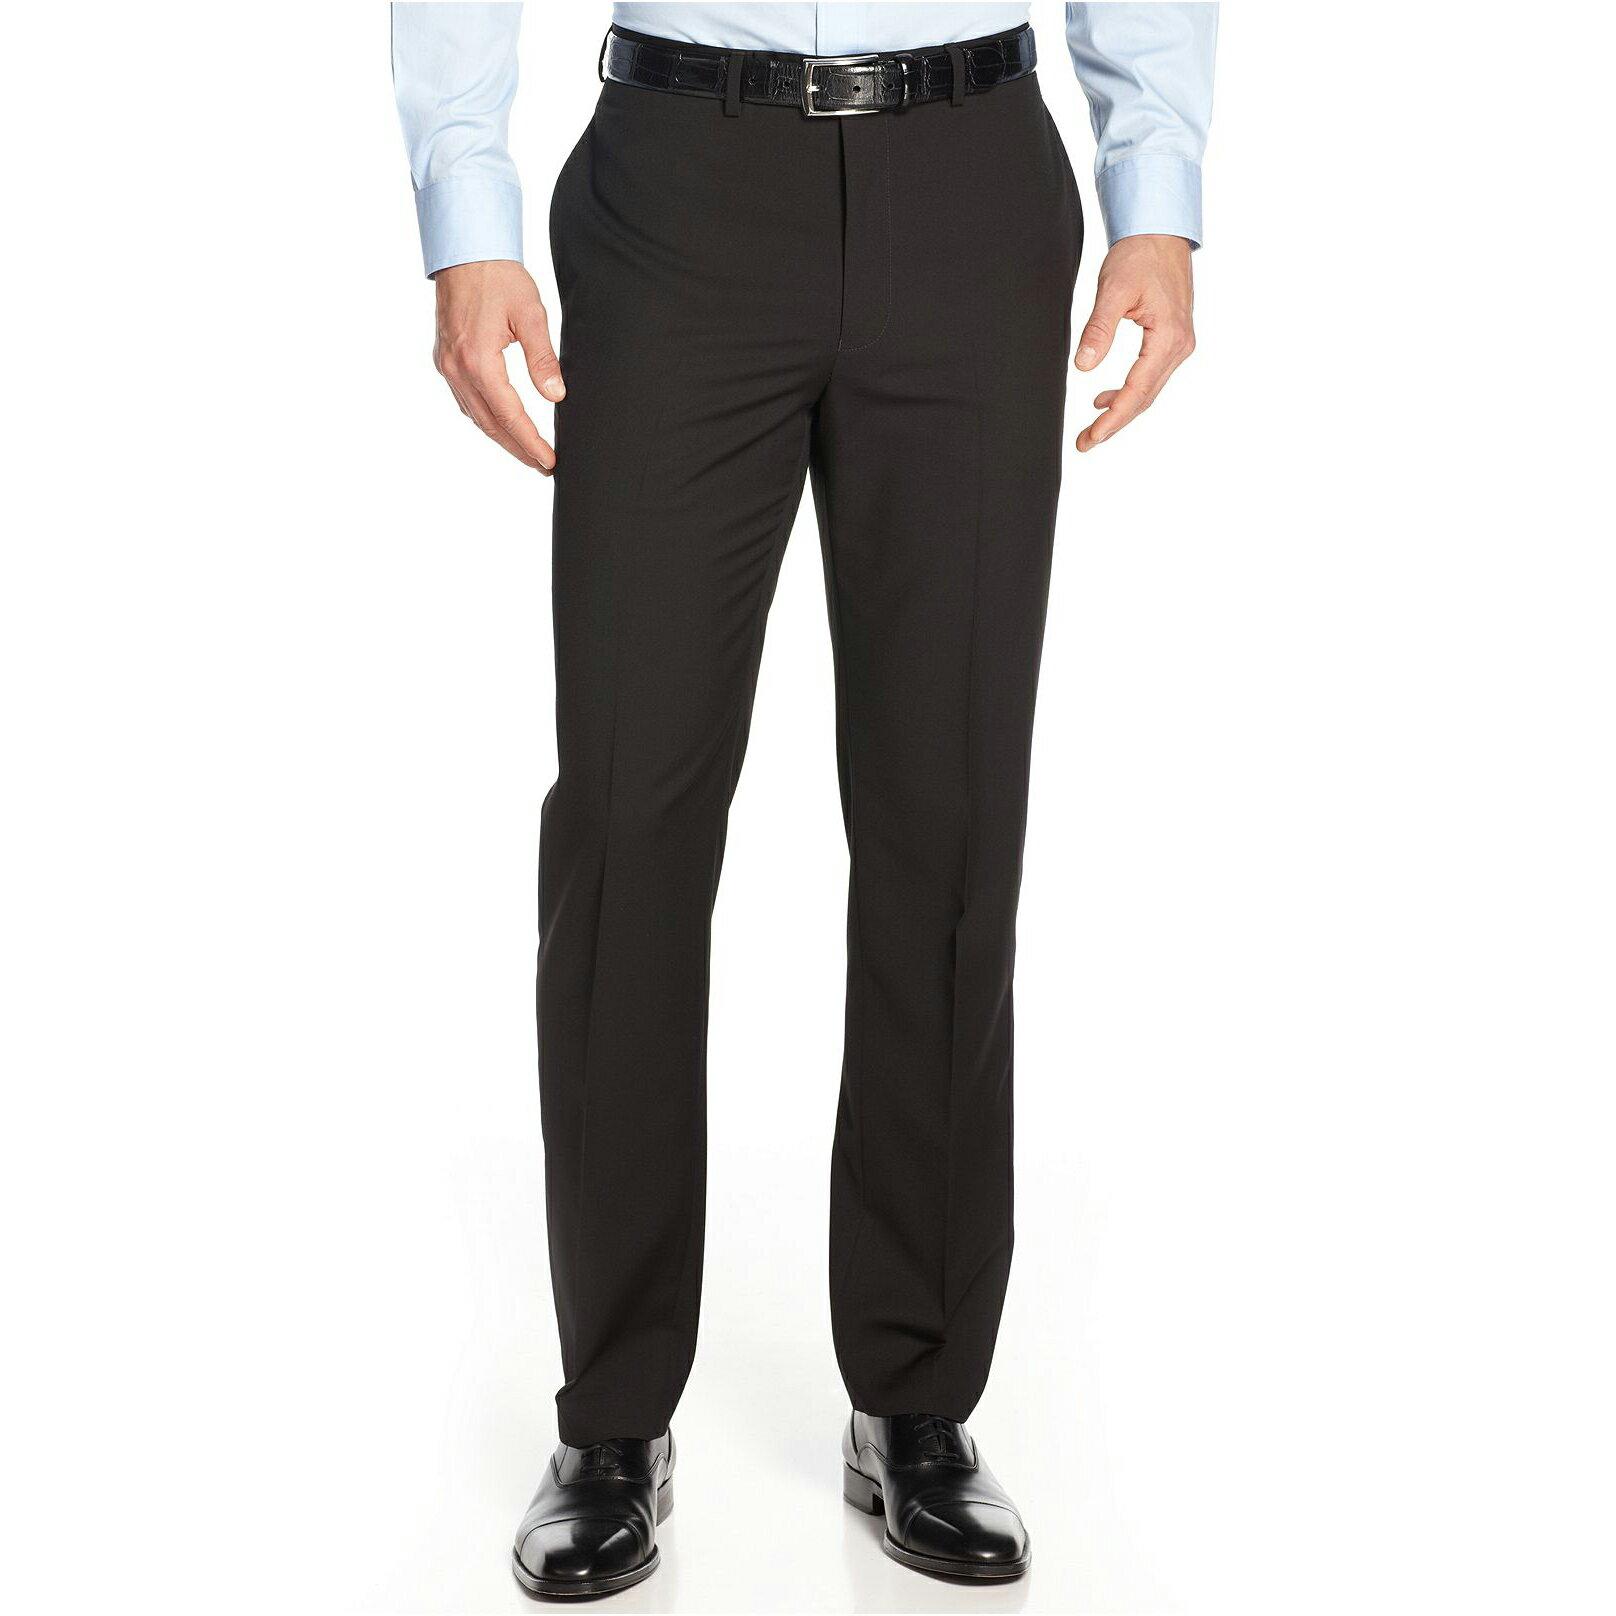 美國百分百【Calvin Klein】CK 長褲 西裝褲 直筒 合身 黑 30 31 32 33 34 36腰 E220